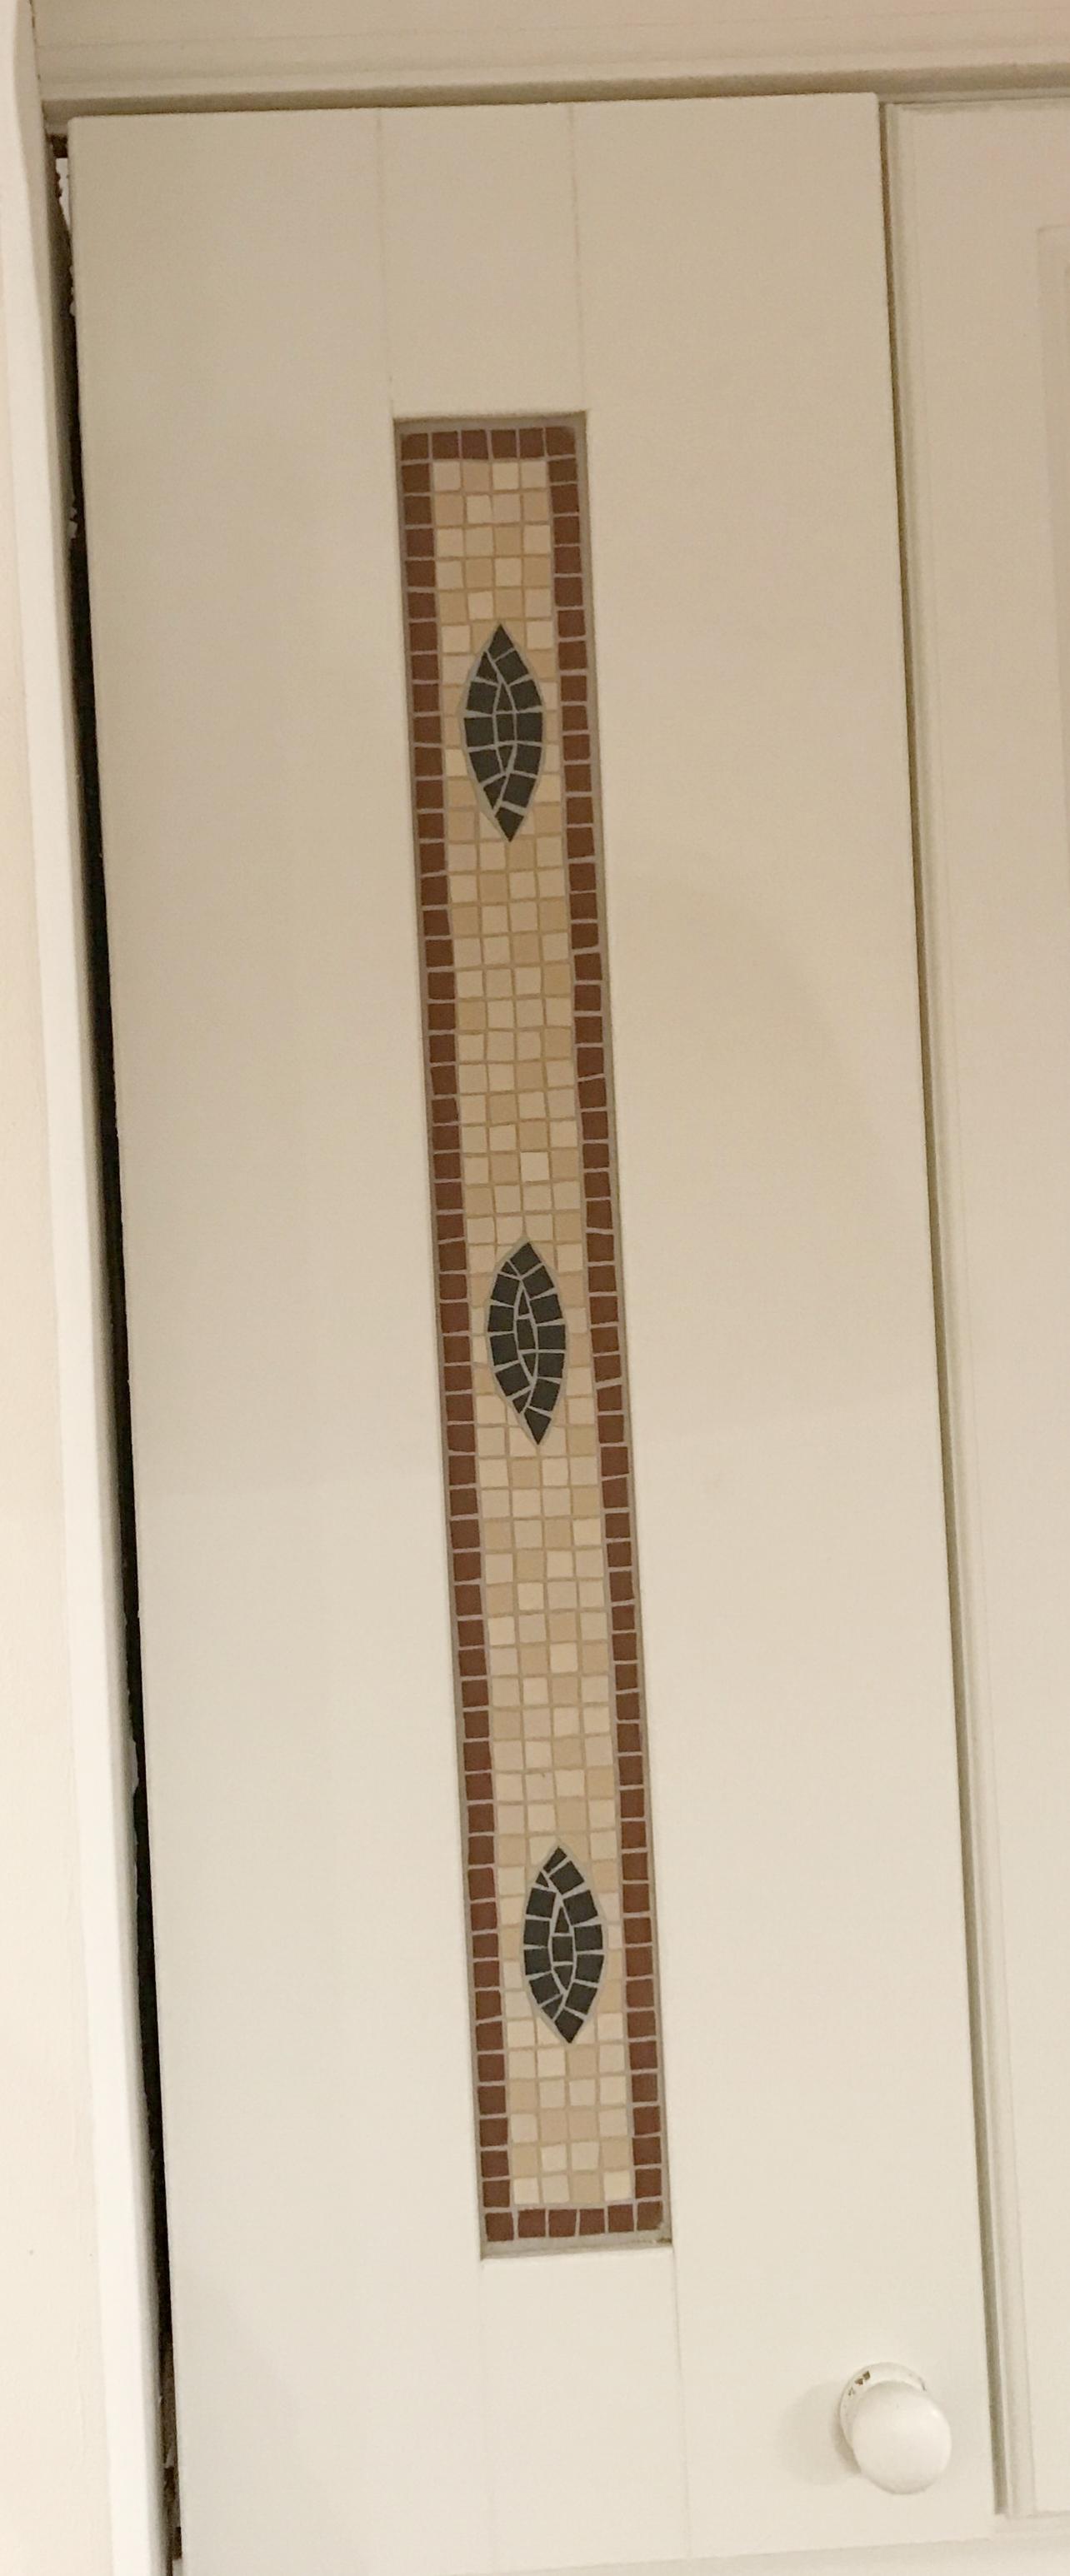 Kitchen cupboard door mosaic inset.